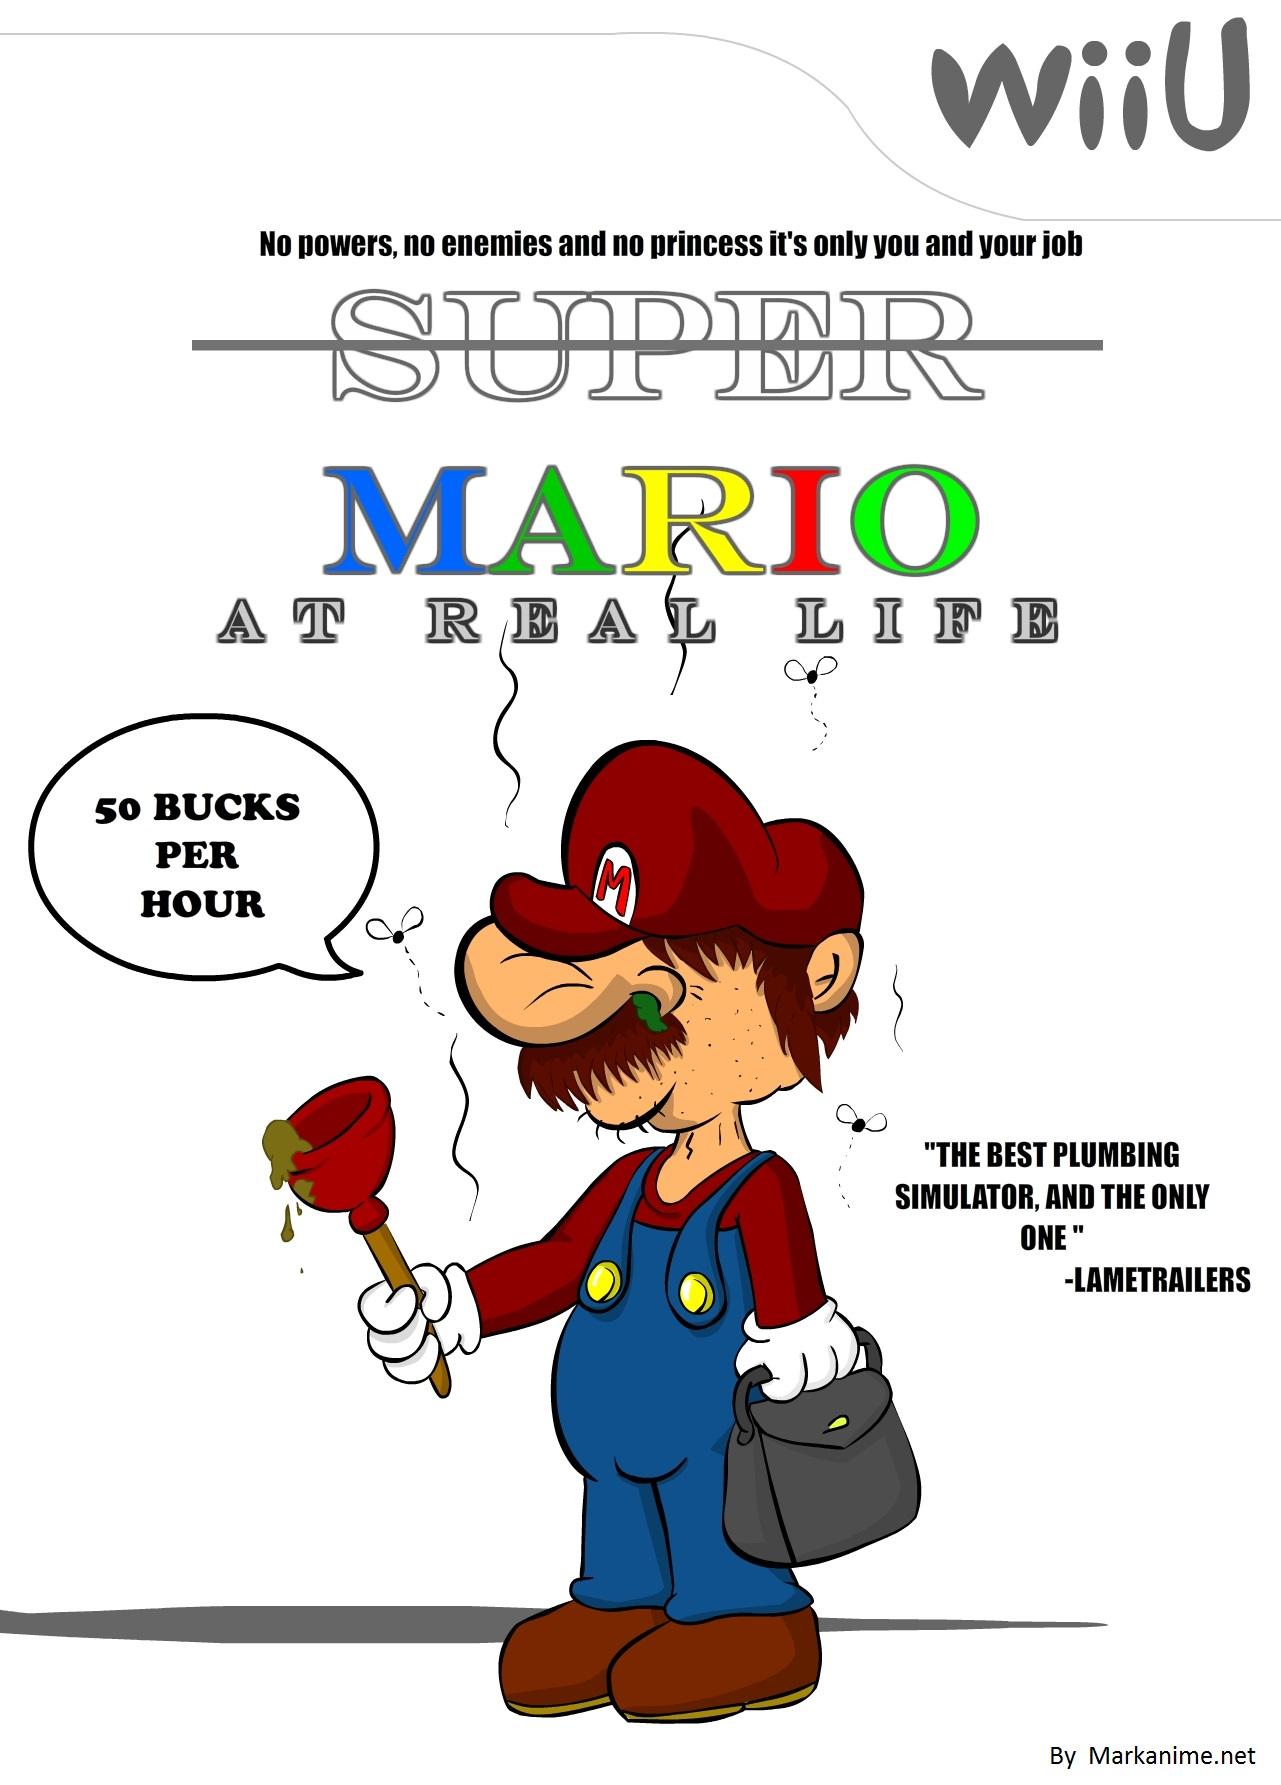 Mario at real life